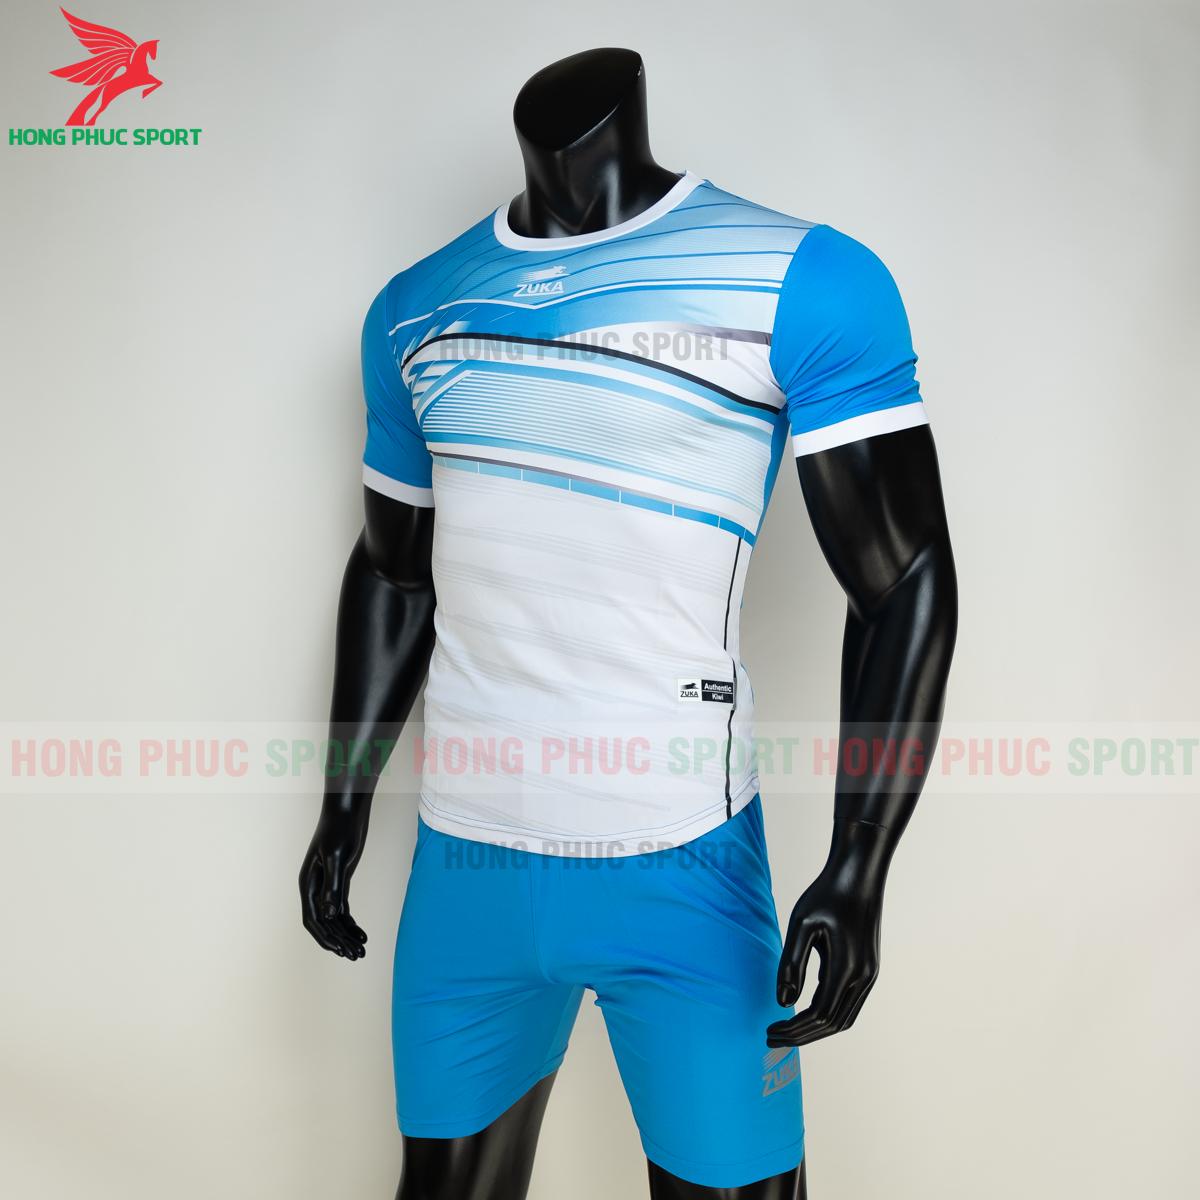 https://cdn.hongphucsport.com/unsafe/s4.shopbay.vn/files/285/ao-bong-da-khong-logo-zuka-01-mau-xanh-3-60502e73b10dd.png